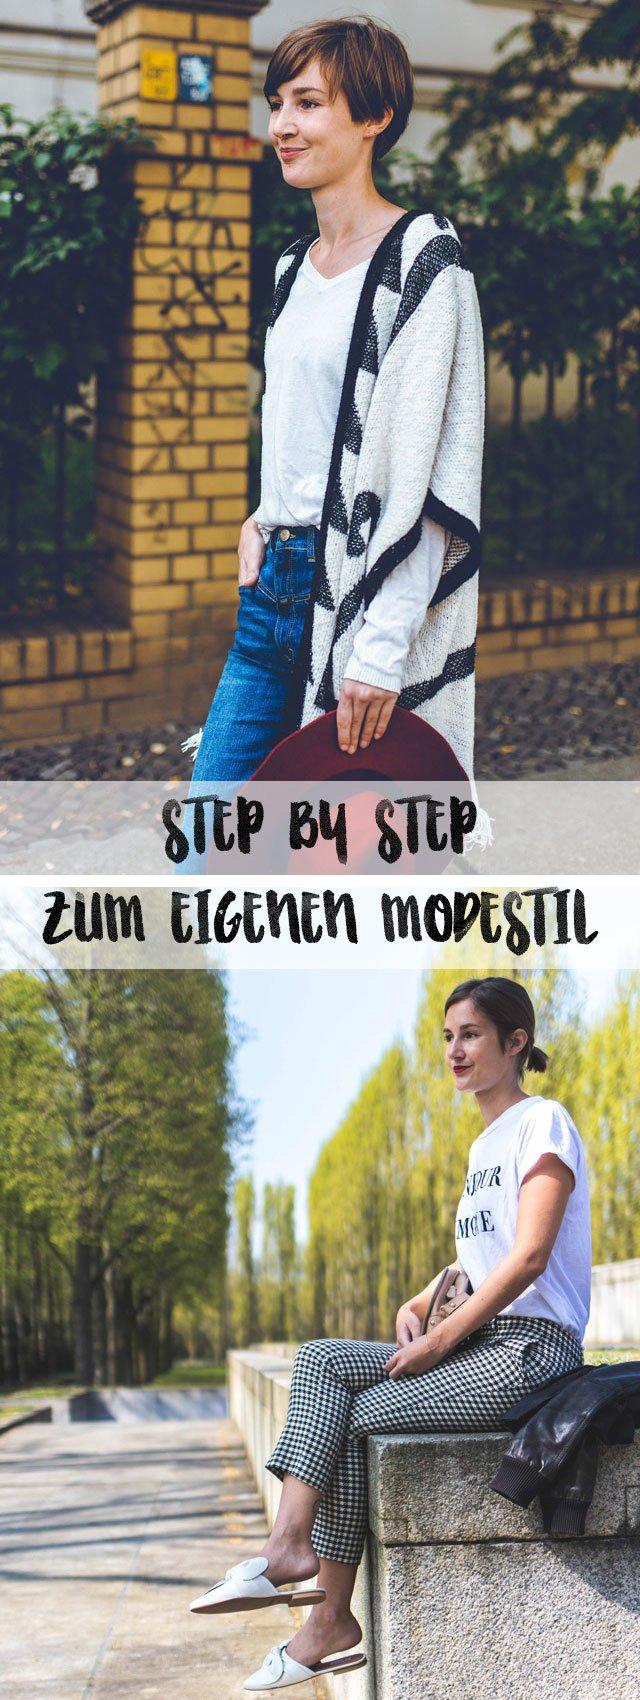 Collage mit Anleitung, um eigenen Modestil zu finden